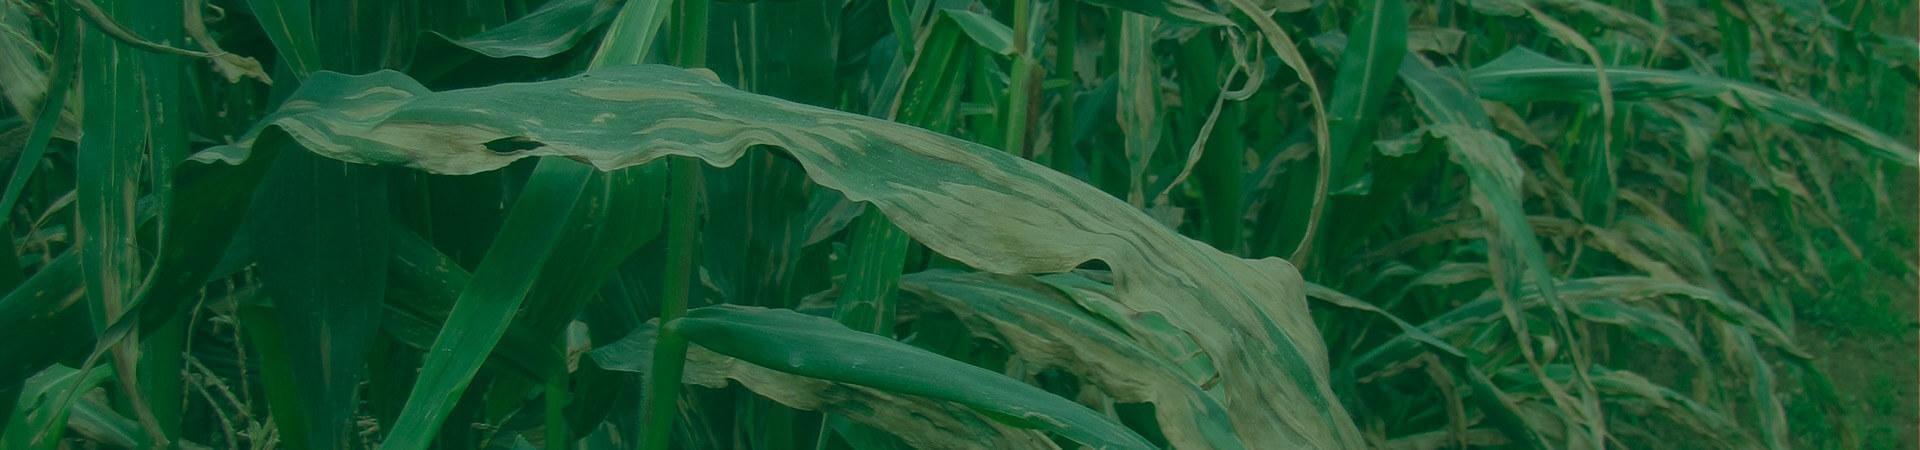 As ferrugens do milho